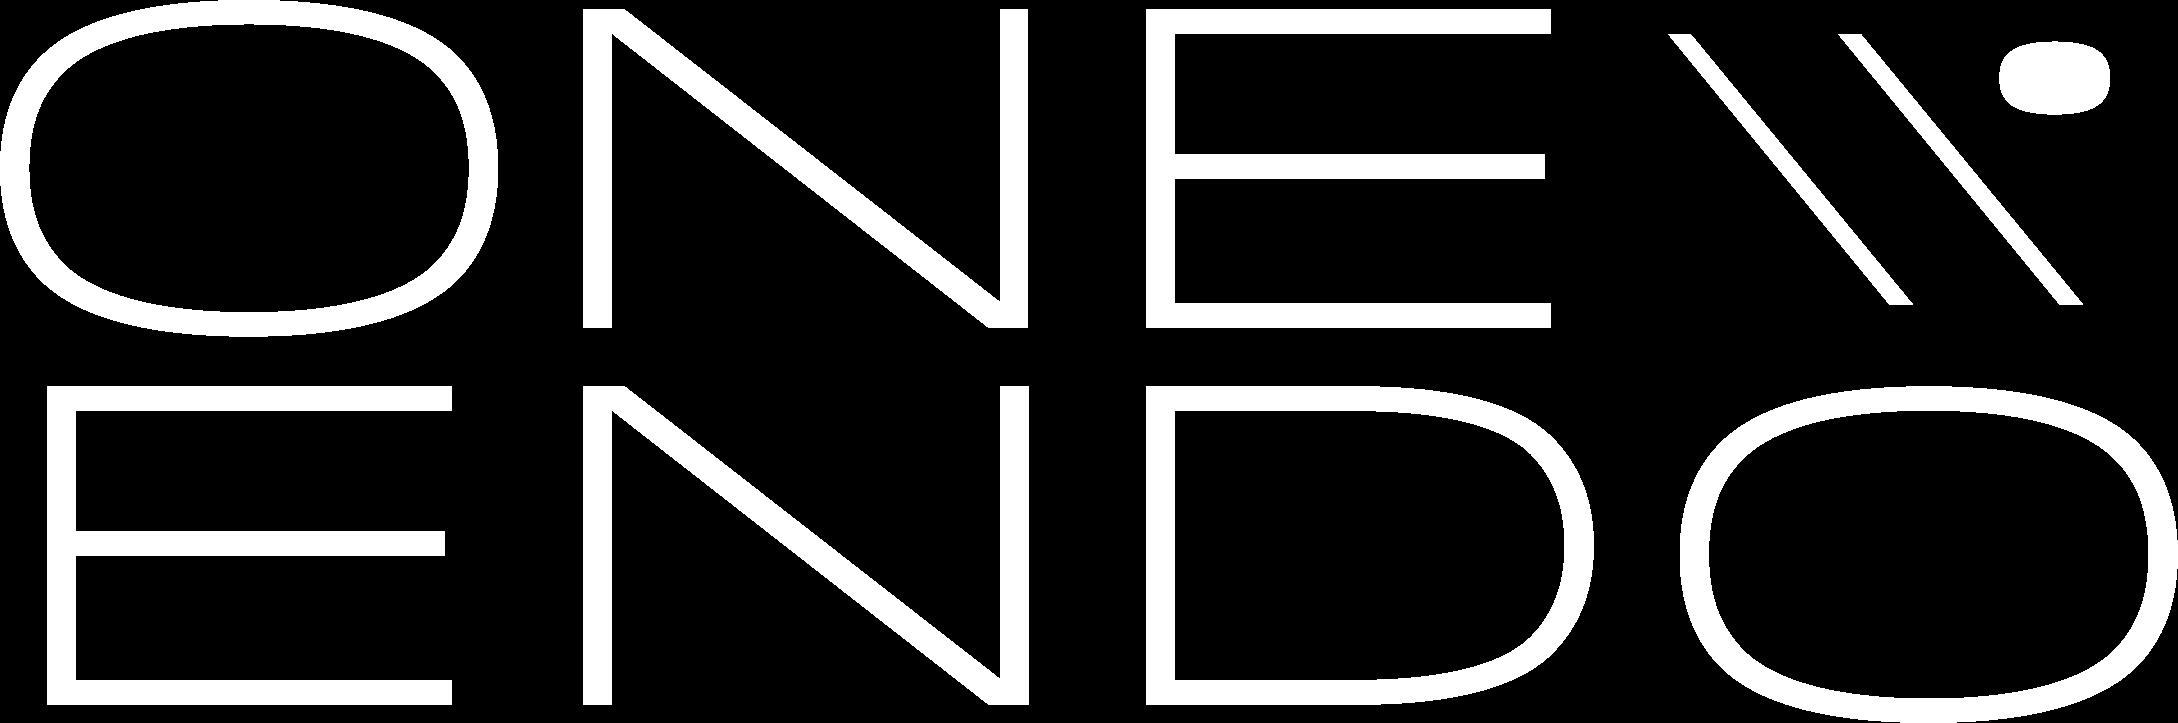 One Endo - Logotype